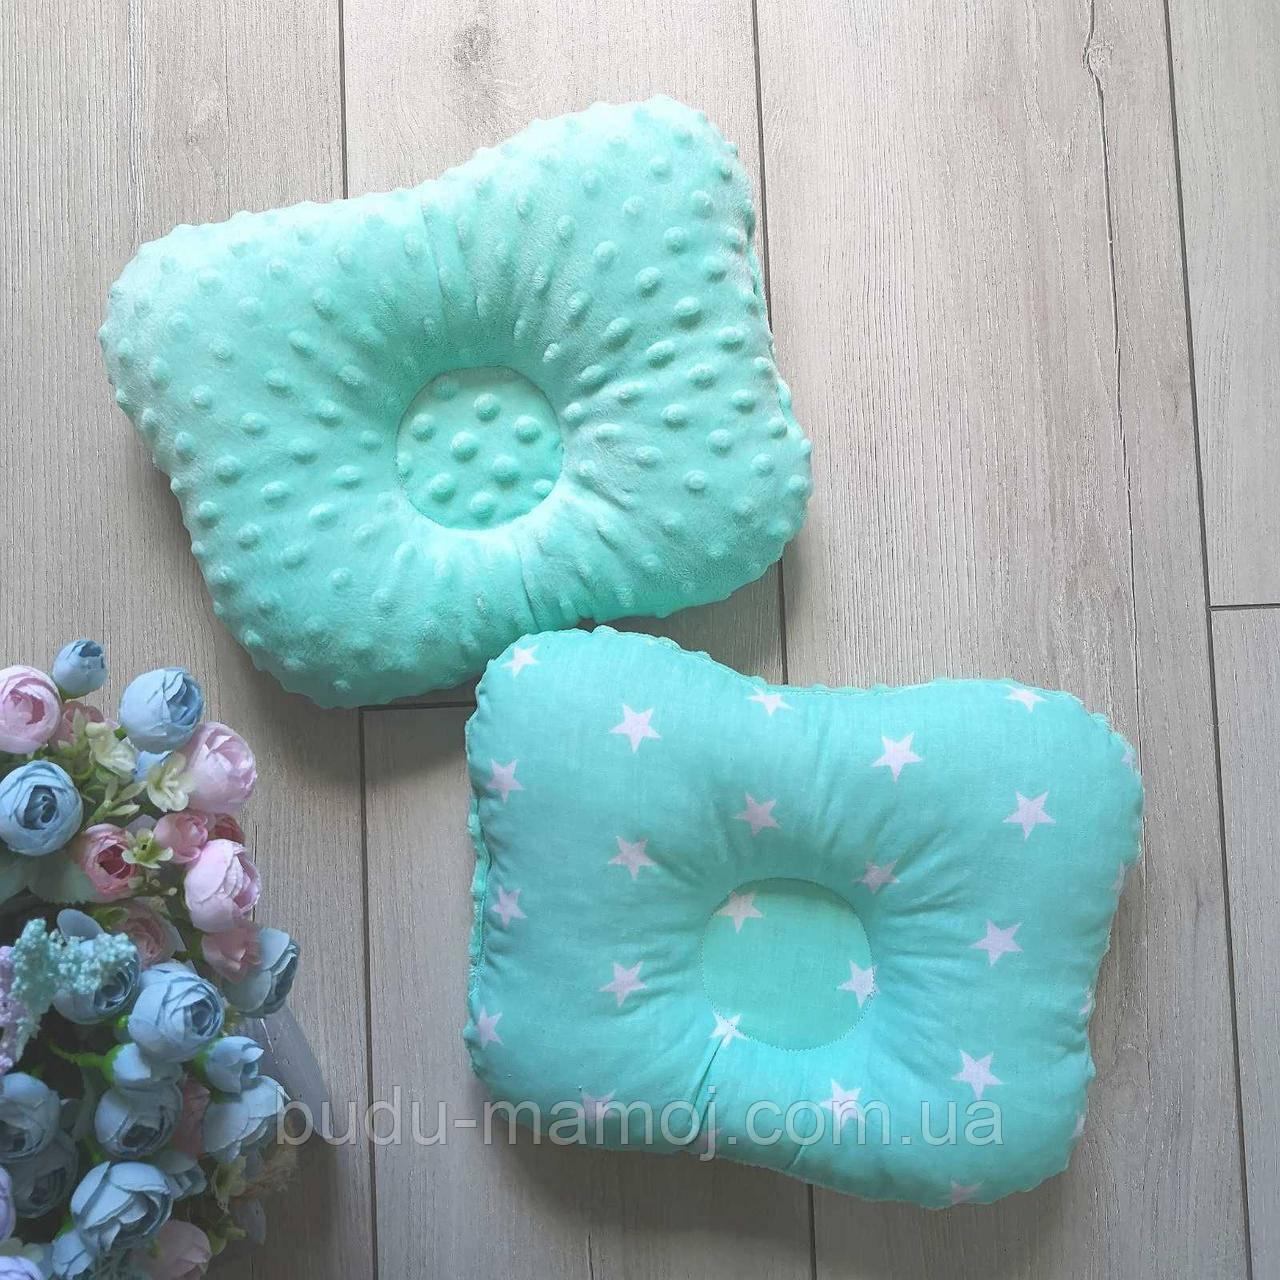 Подушка ортопедическая для новорожденного бабочка